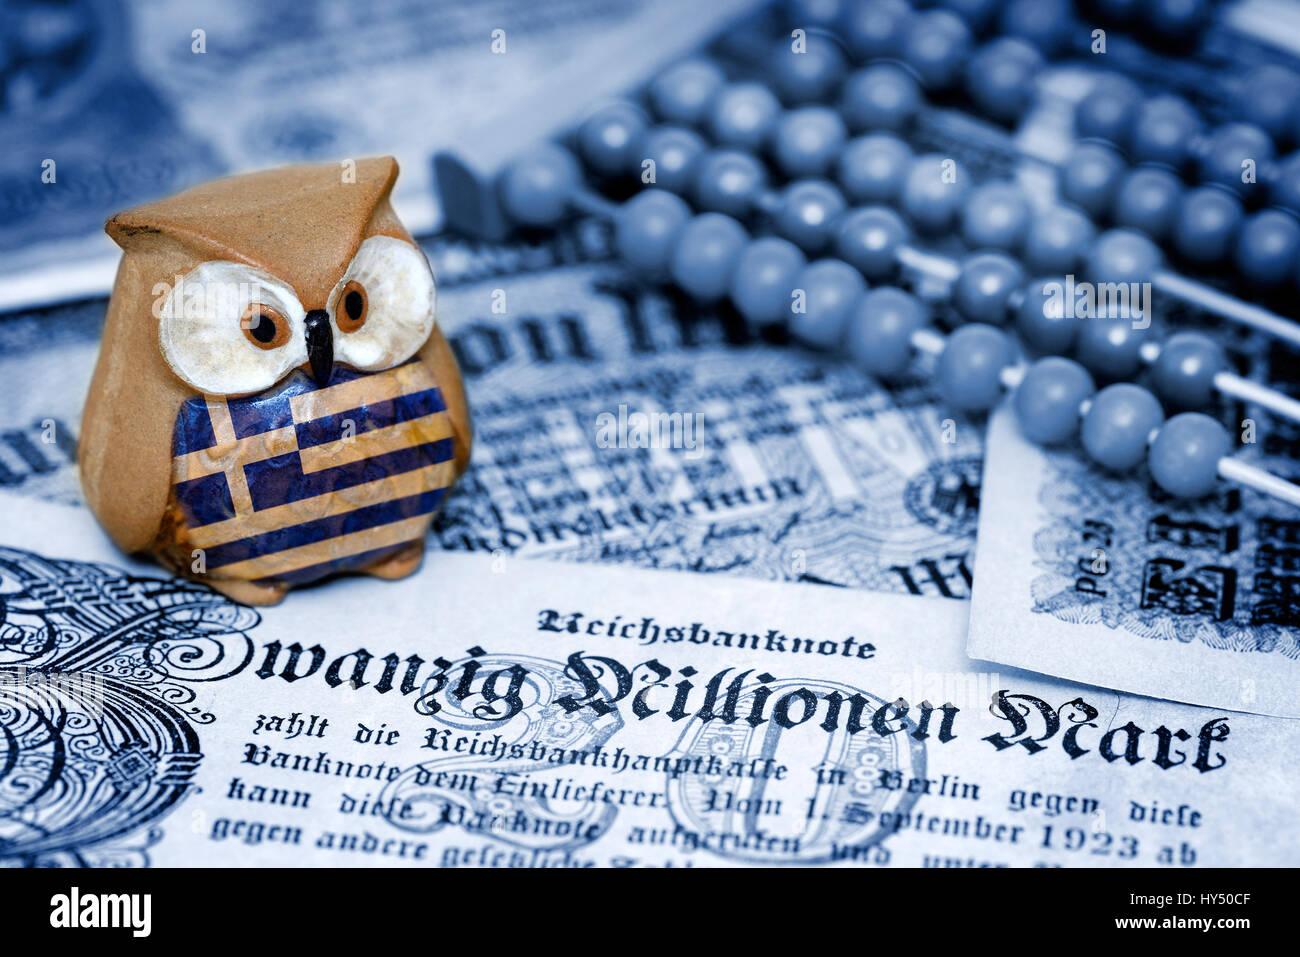 Greek owl on German inflation money, Greek Reparationsforderungen, Griechische Eule auf deutschem Inflationsgeld, Stock Photo